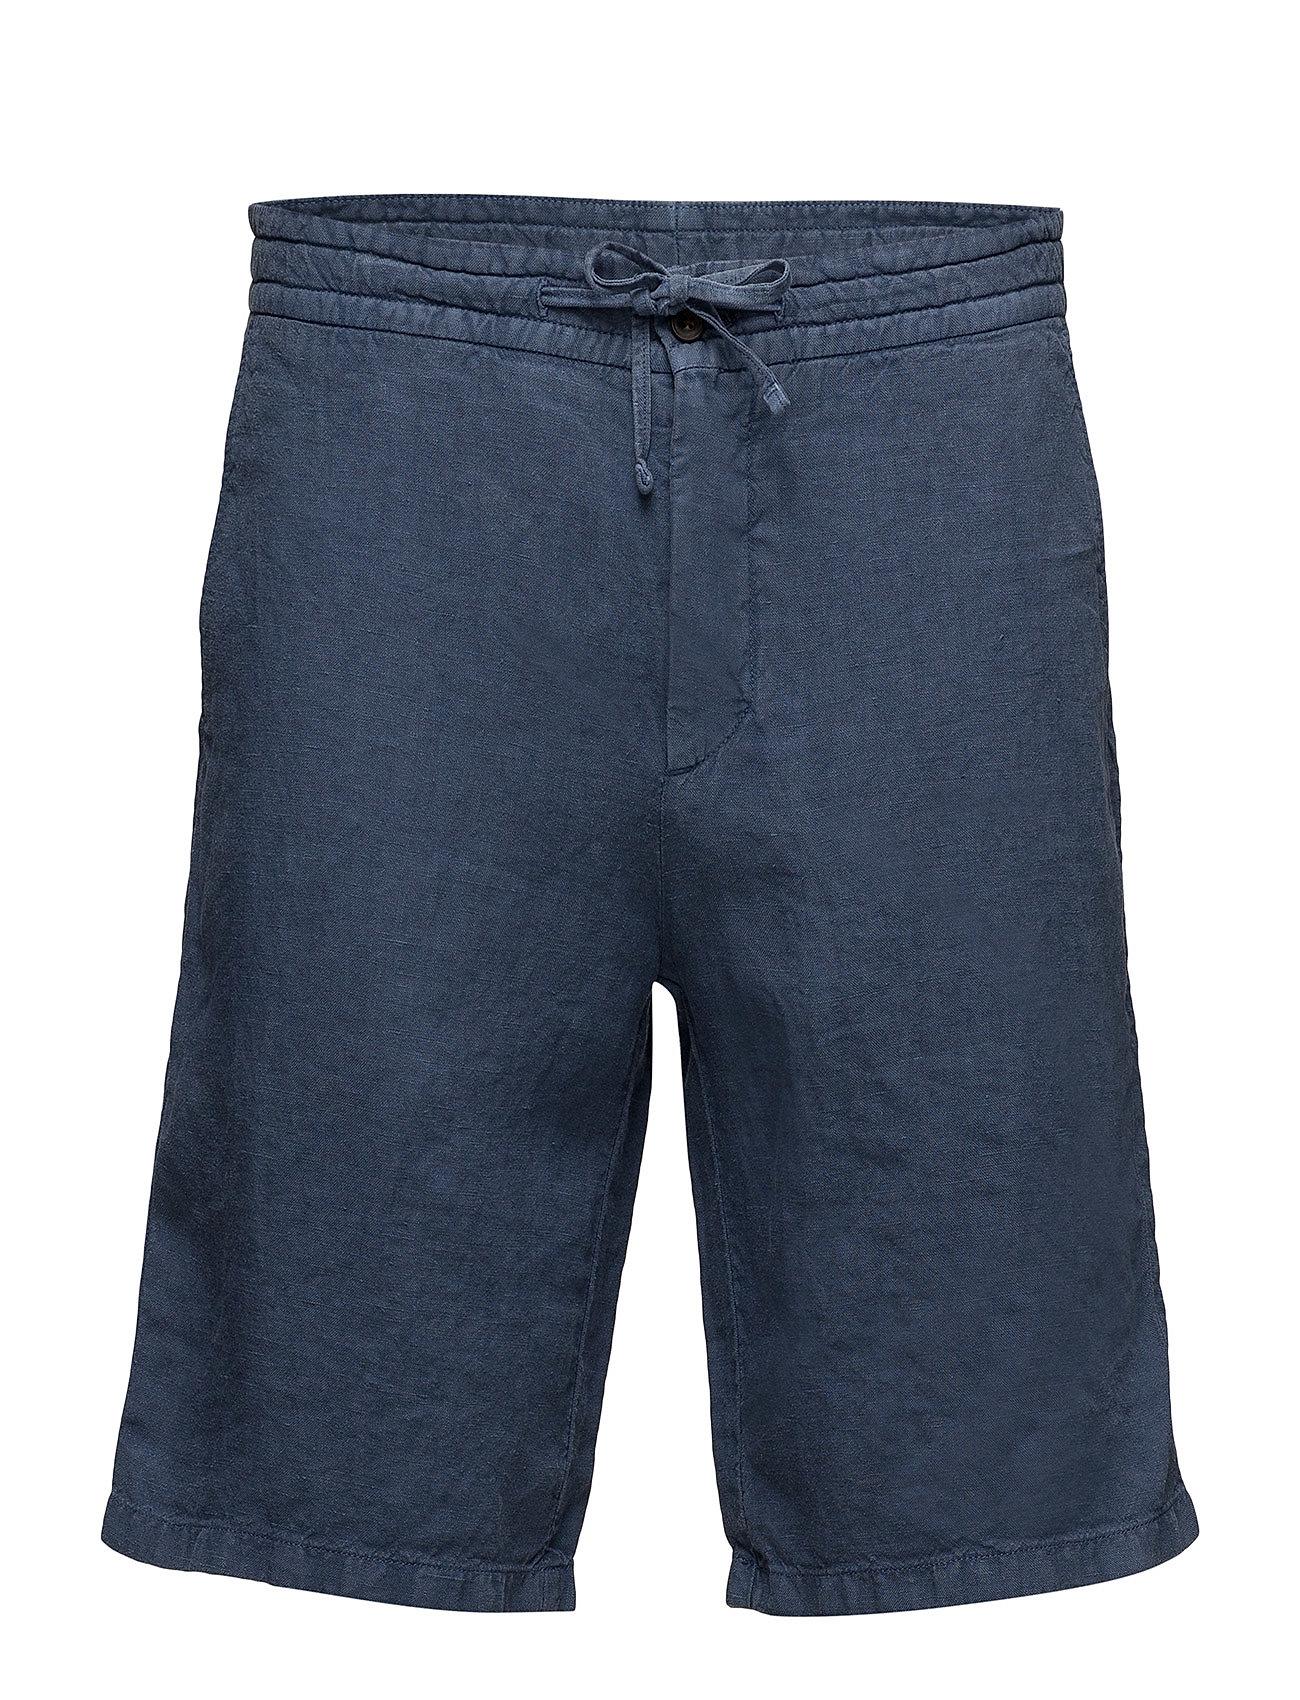 NN07 Emil Shorts 1235 - ROYAL BLUE